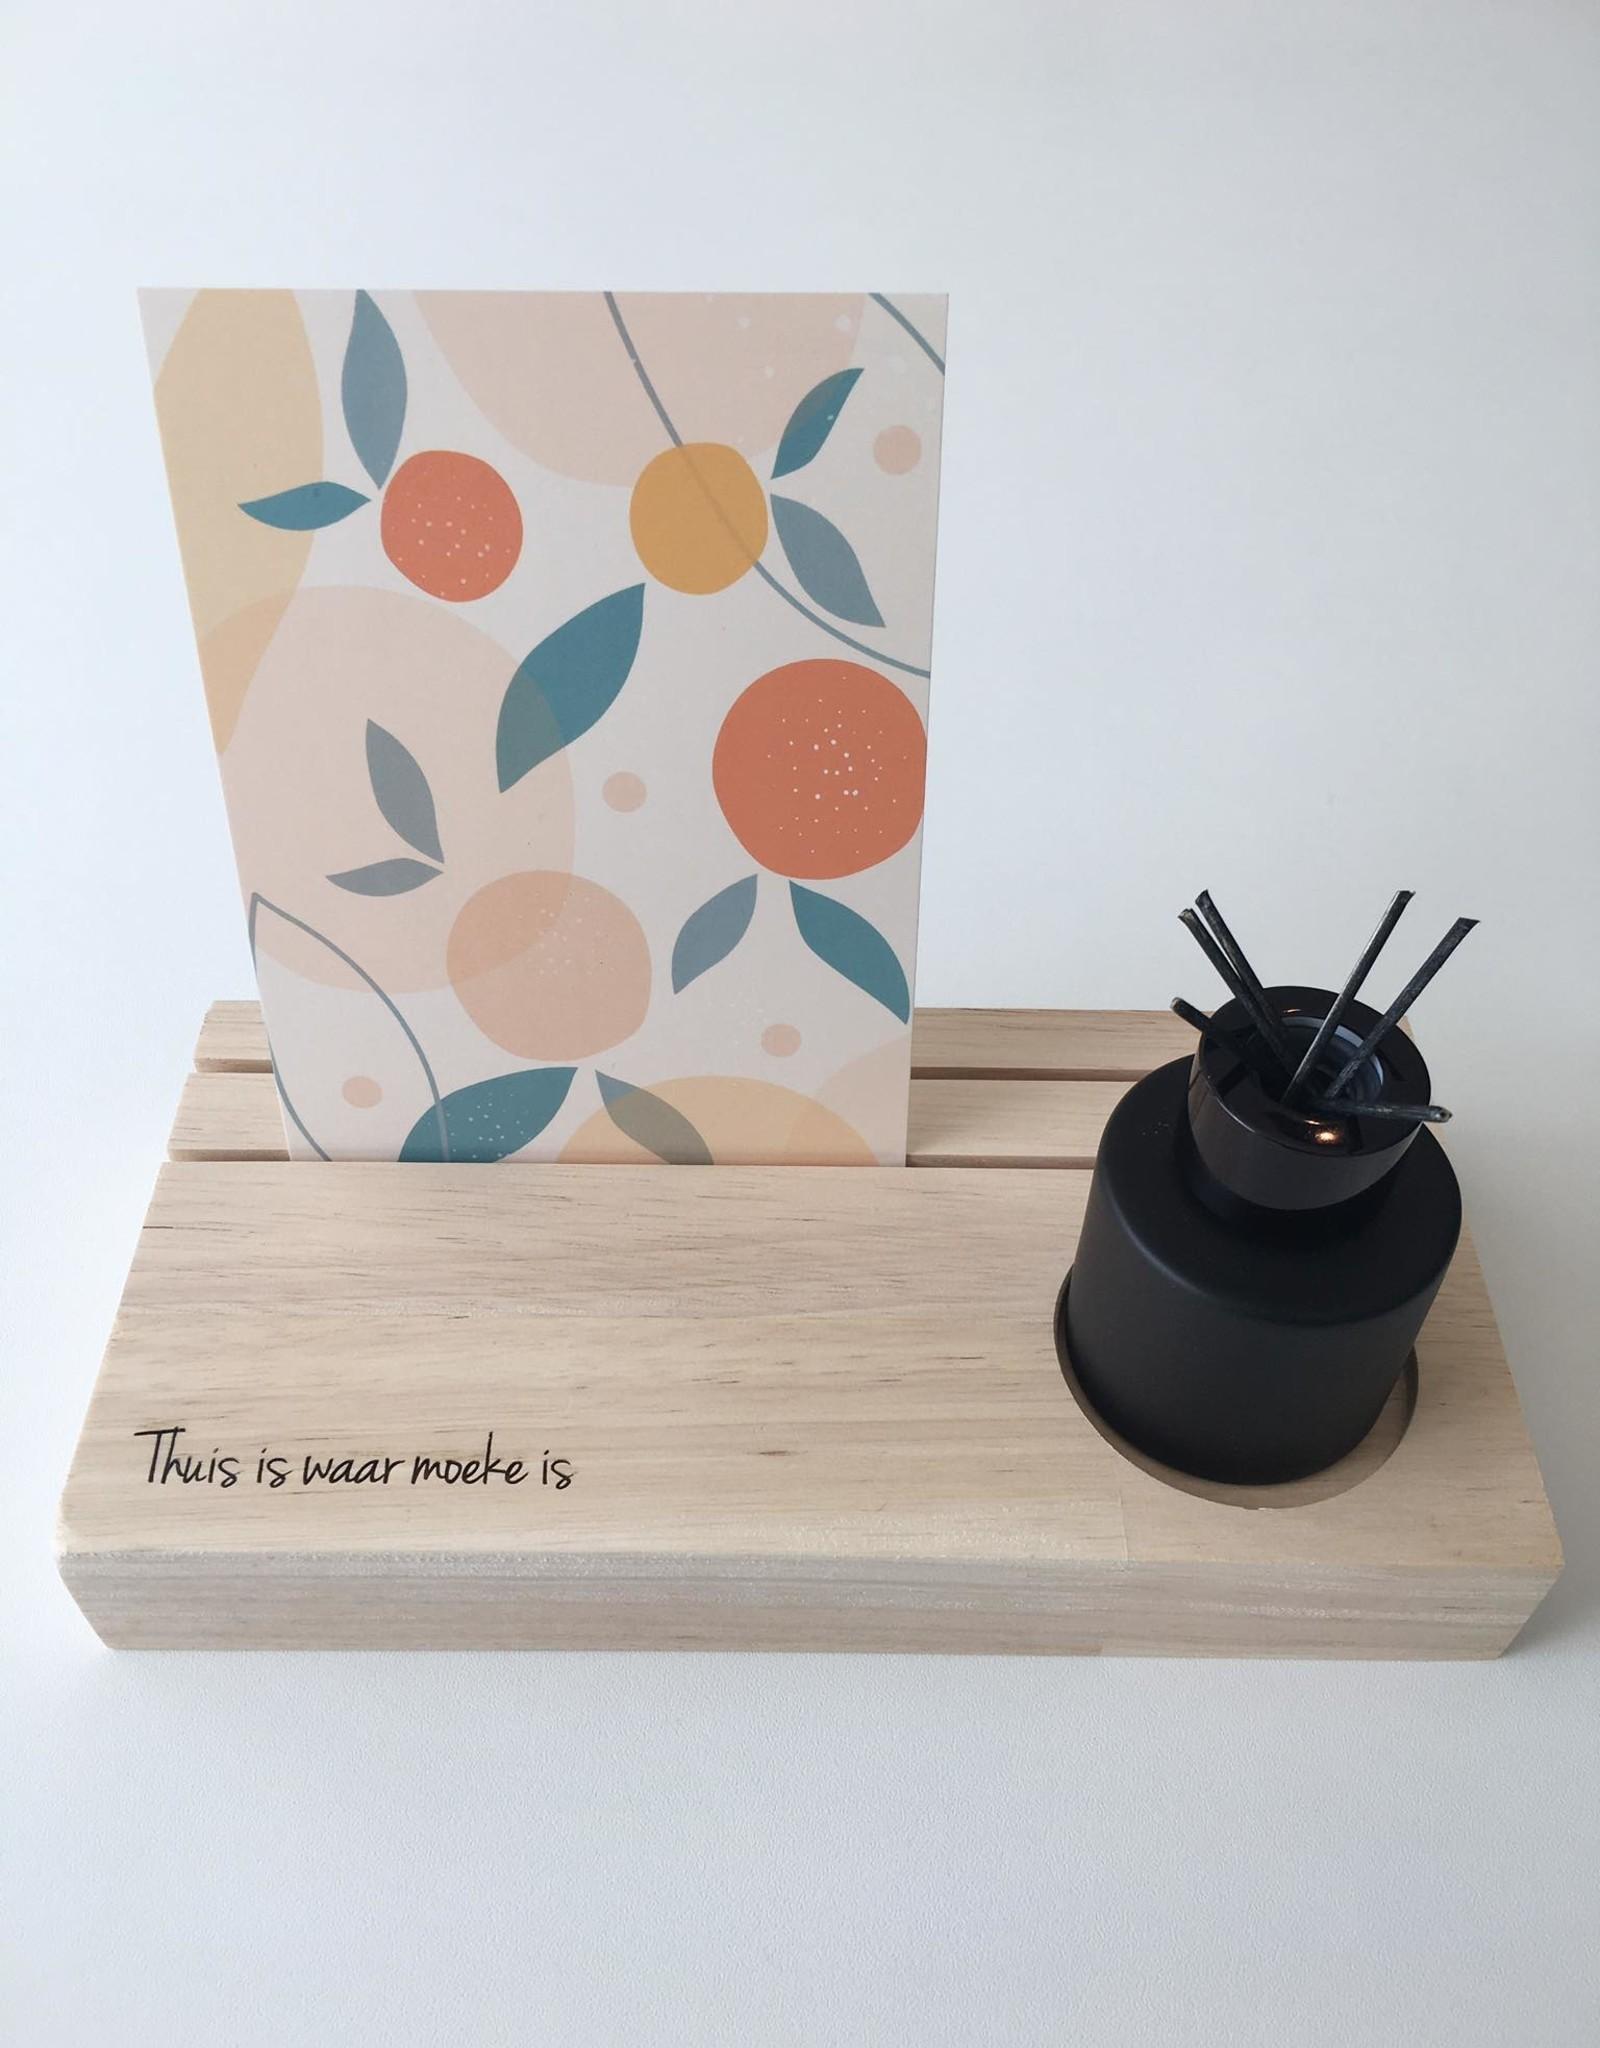 Printpraat Printpraat: Koesterplankje met geurstokjes - thuis is waar moeke is